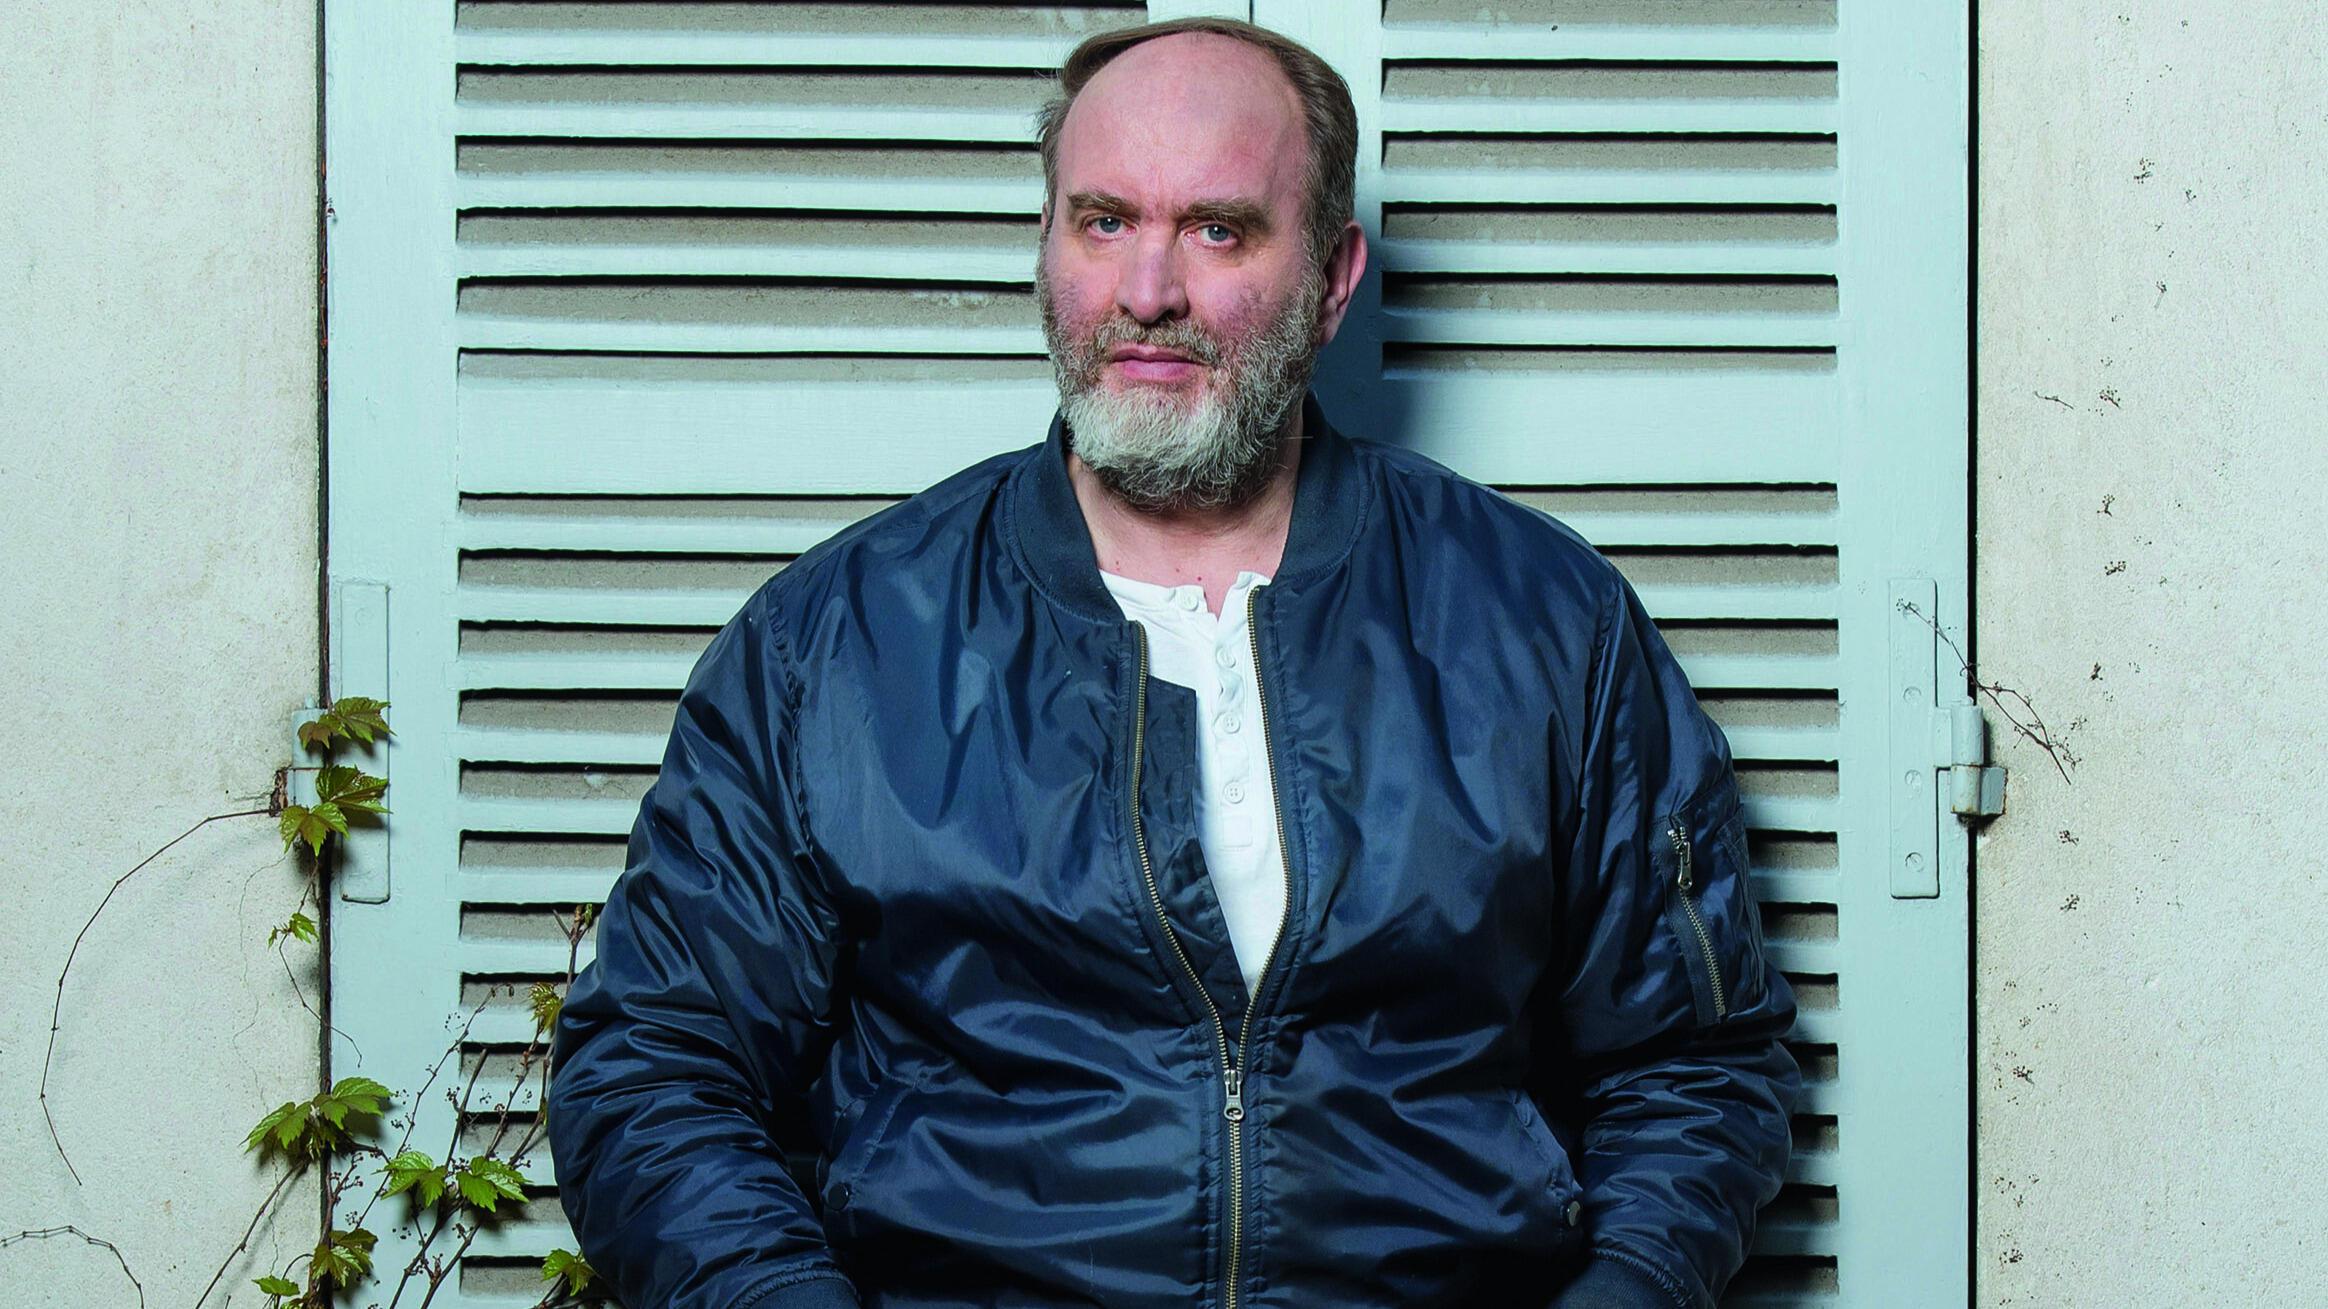 Portrait de l'écrivain Serge Joncour, prix Femina 2020 pour «Nature humaine».